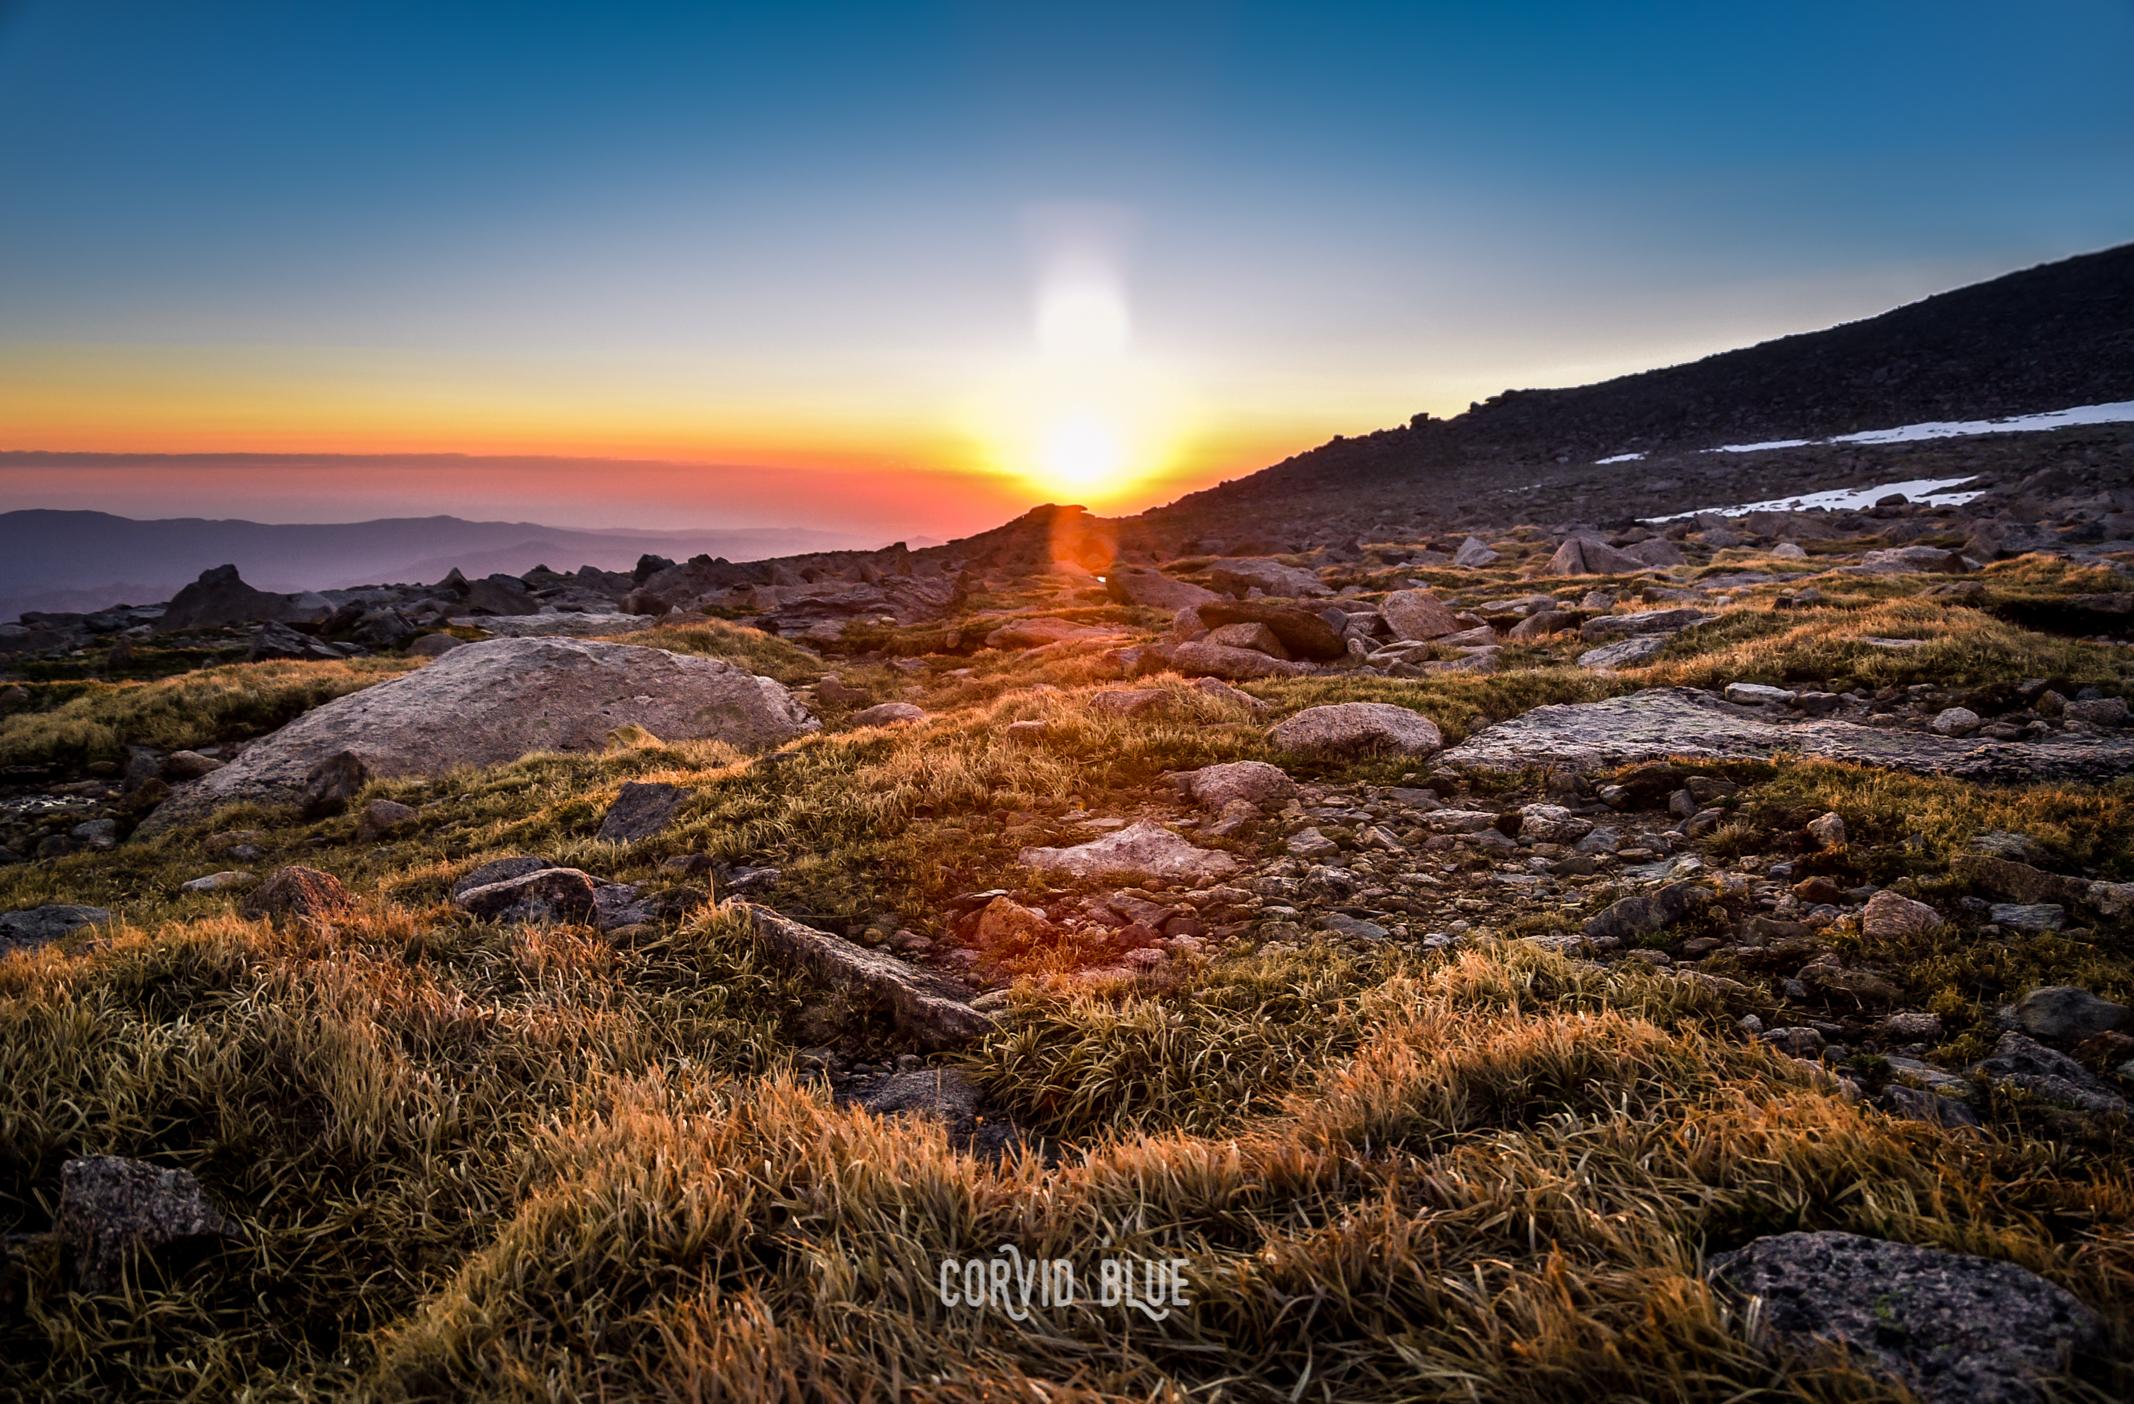 KPH_184_Scenic_Sky_Sun.jpg